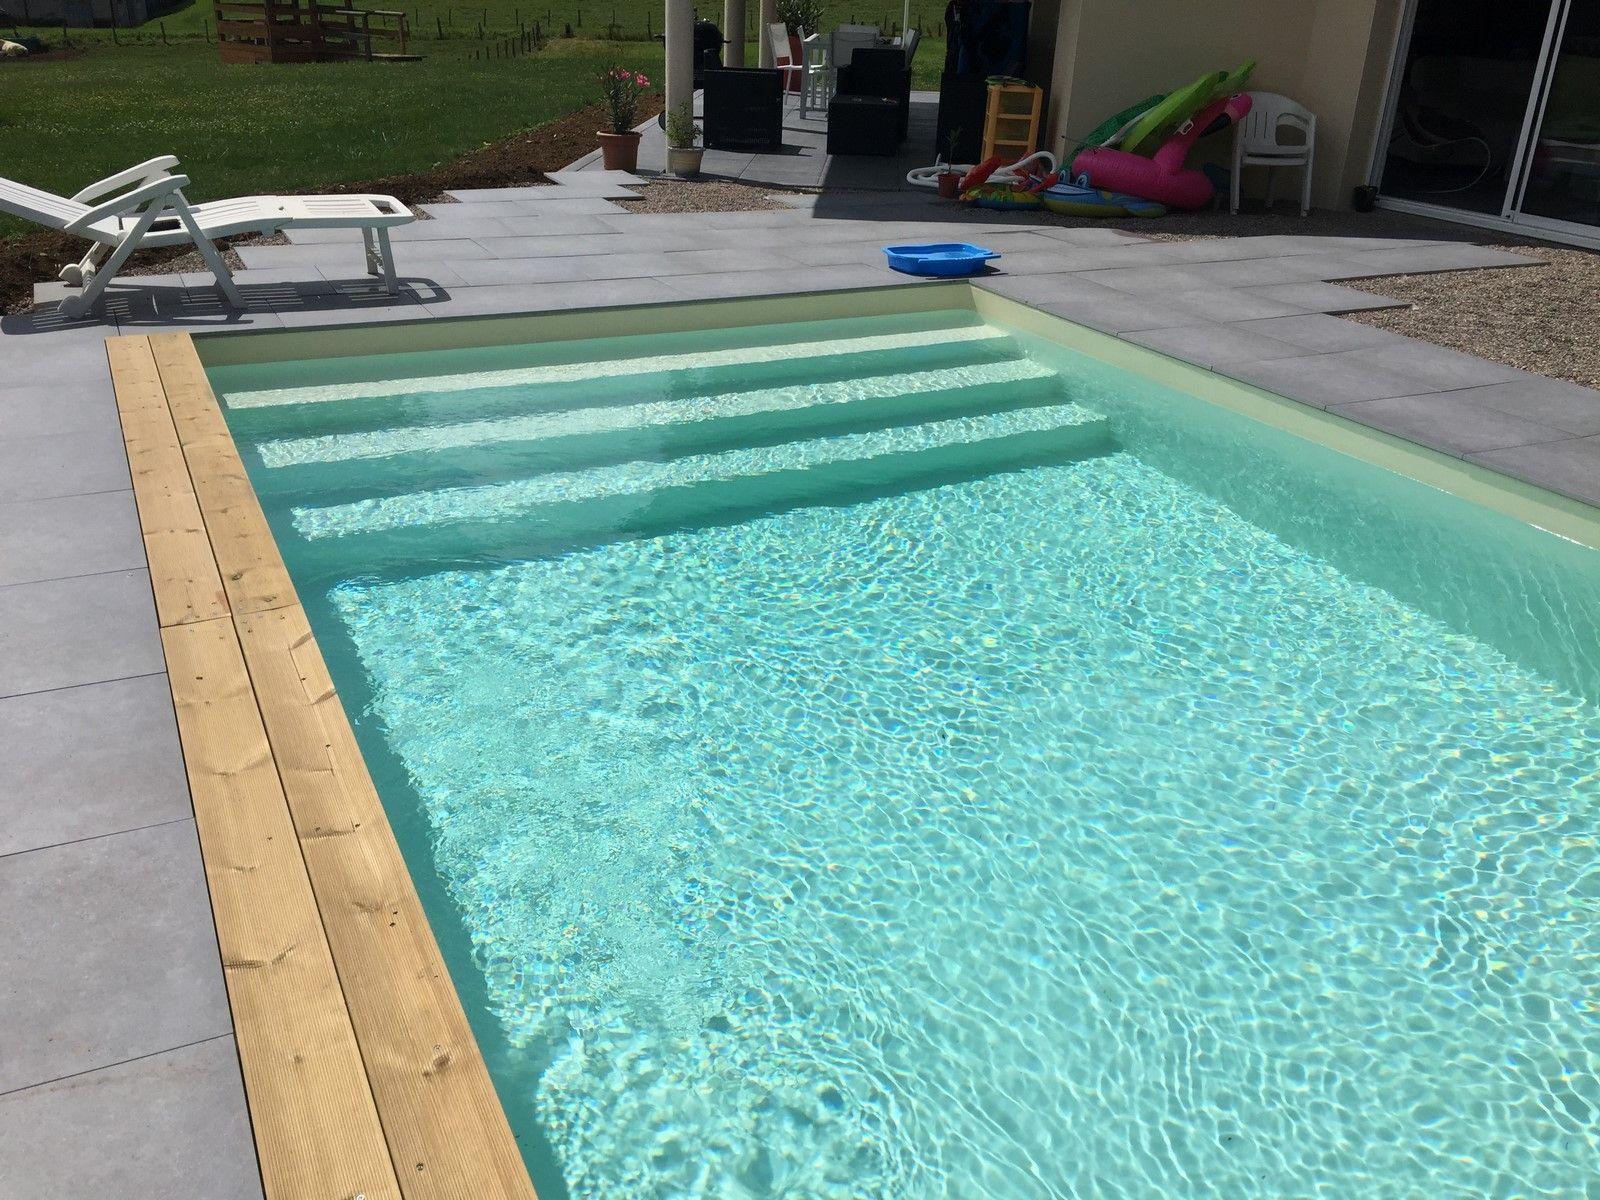 Piscine Beton Avec Plage Immergée piscine bois luxe rectangulaire avec plage immergée+escalier